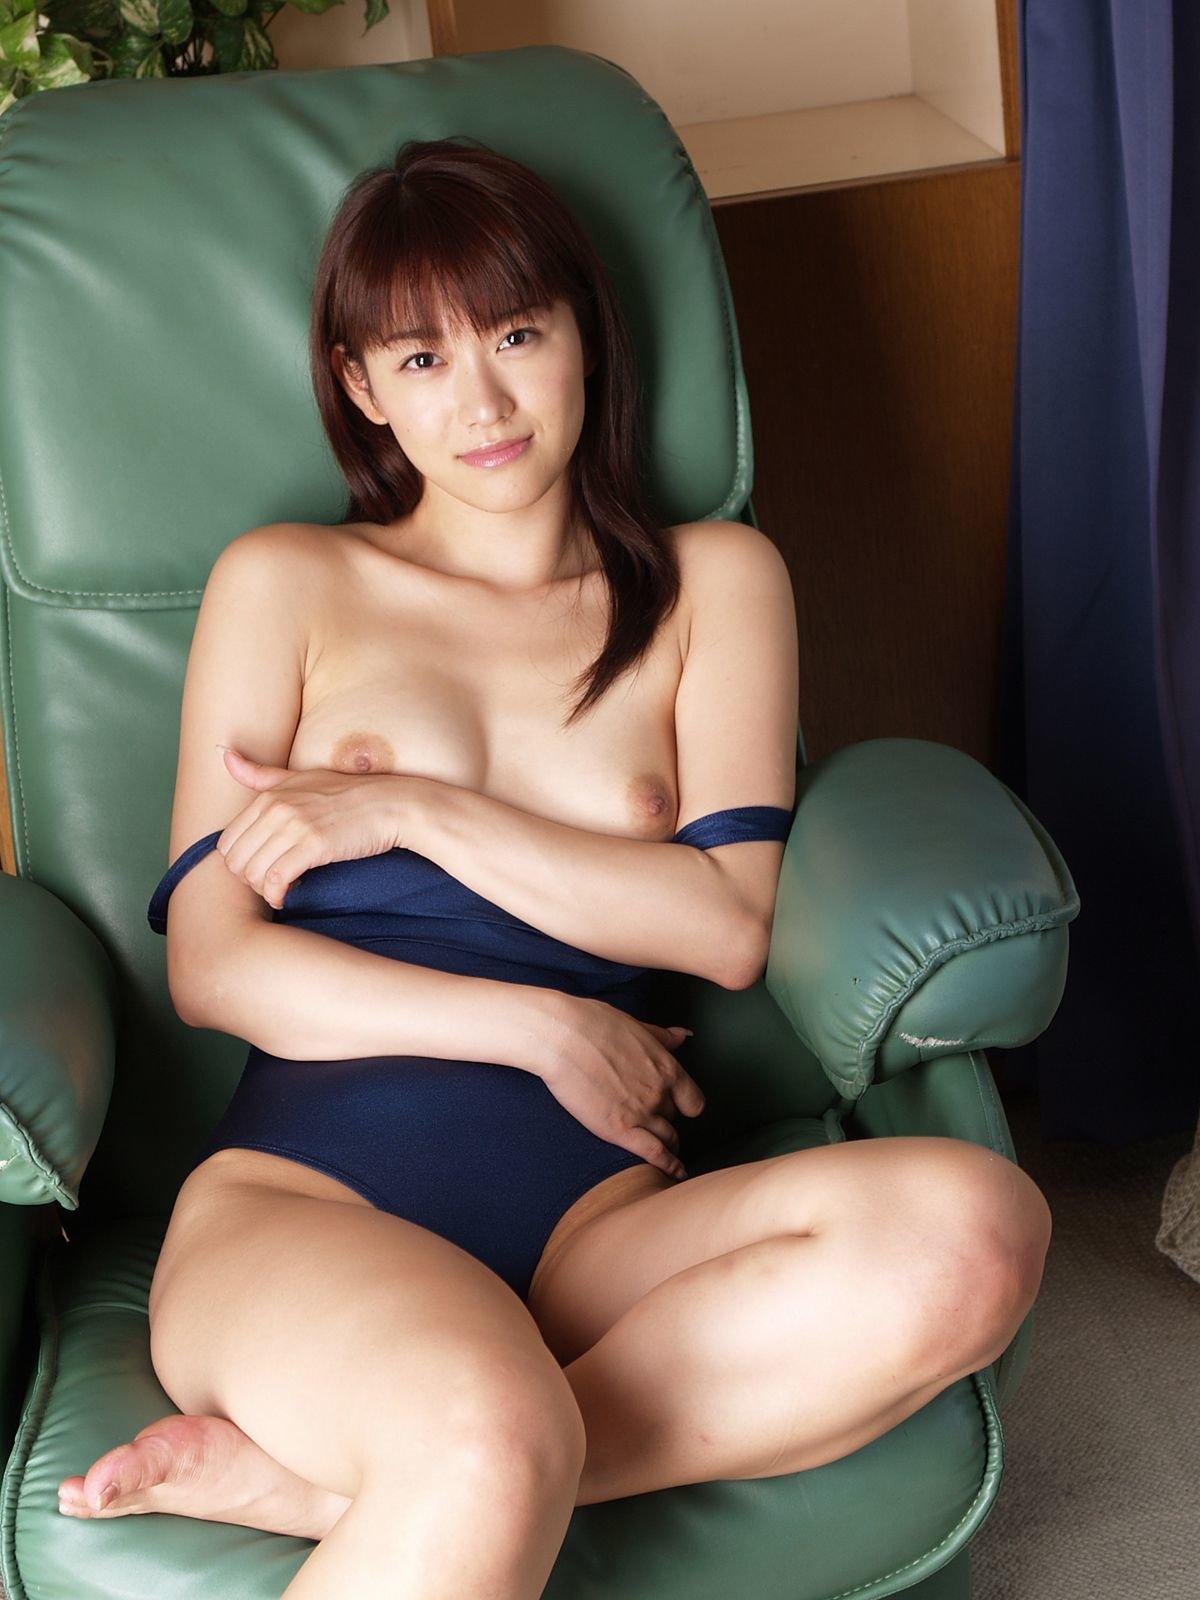 三次元 3次元 エロ画像 AV女優 西野翔 ヌード べっぴん娘通信 007